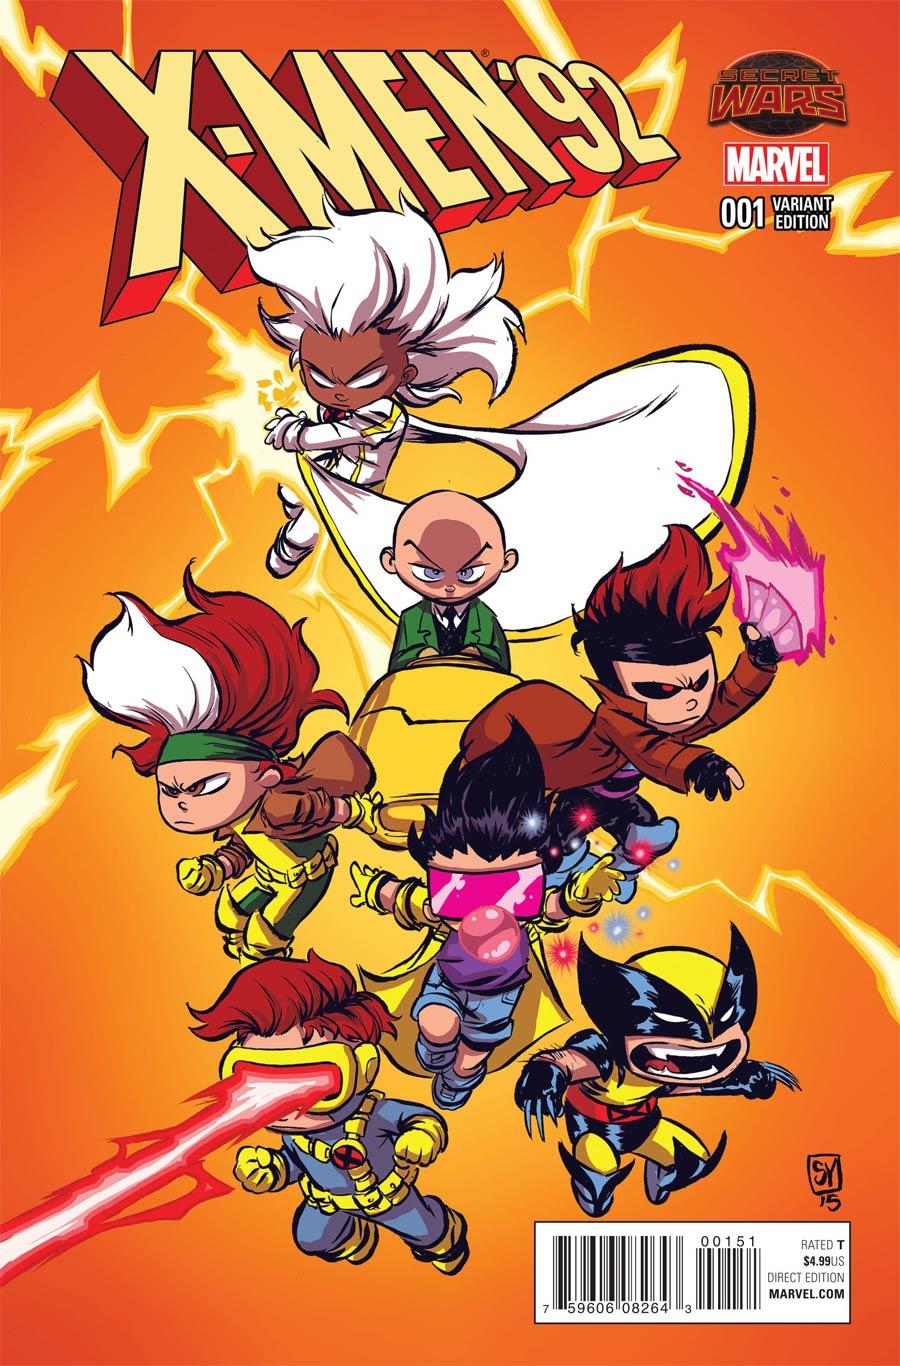 X-Men 92 #1 Cover B Variant Skottie Young Baby Cover (Secret Wars Warzones Tie-In)